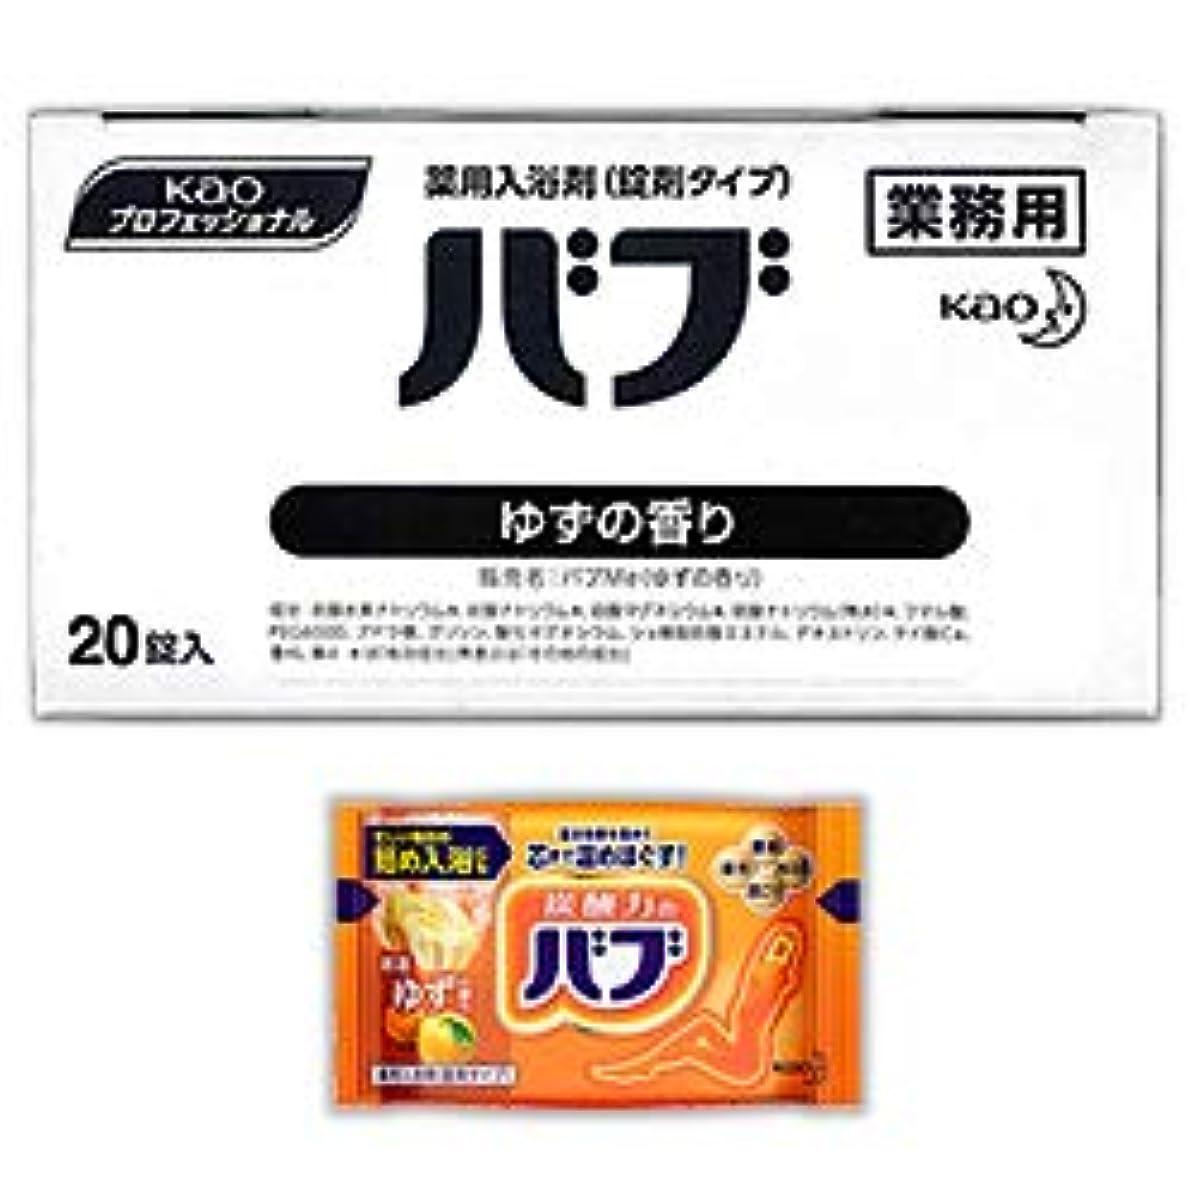 タクシーカレンダー反映する【花王】Kaoプロフェッショナル バブ ゆずの香り(業務用) 40g×20錠入 ×5個セット